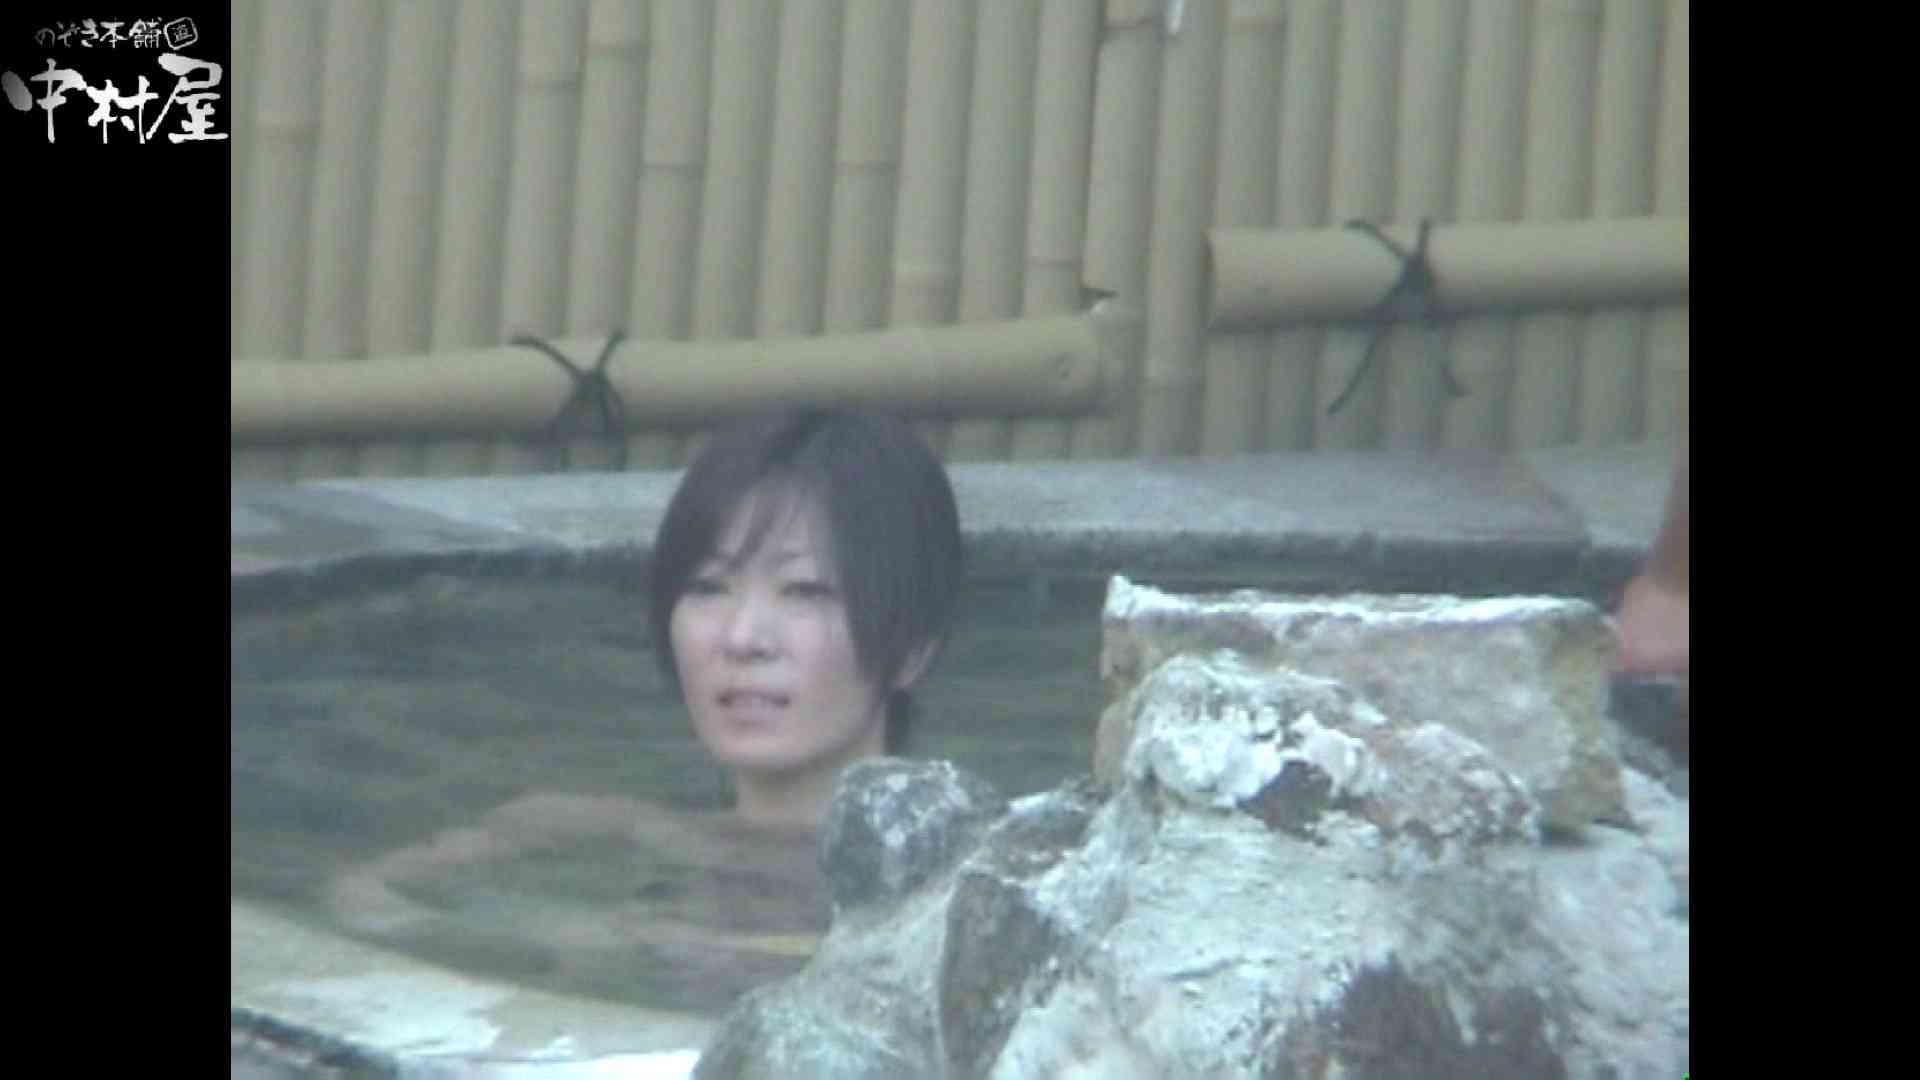 Aquaな露天風呂Vol.972 OLのエロ生活  105連発 27